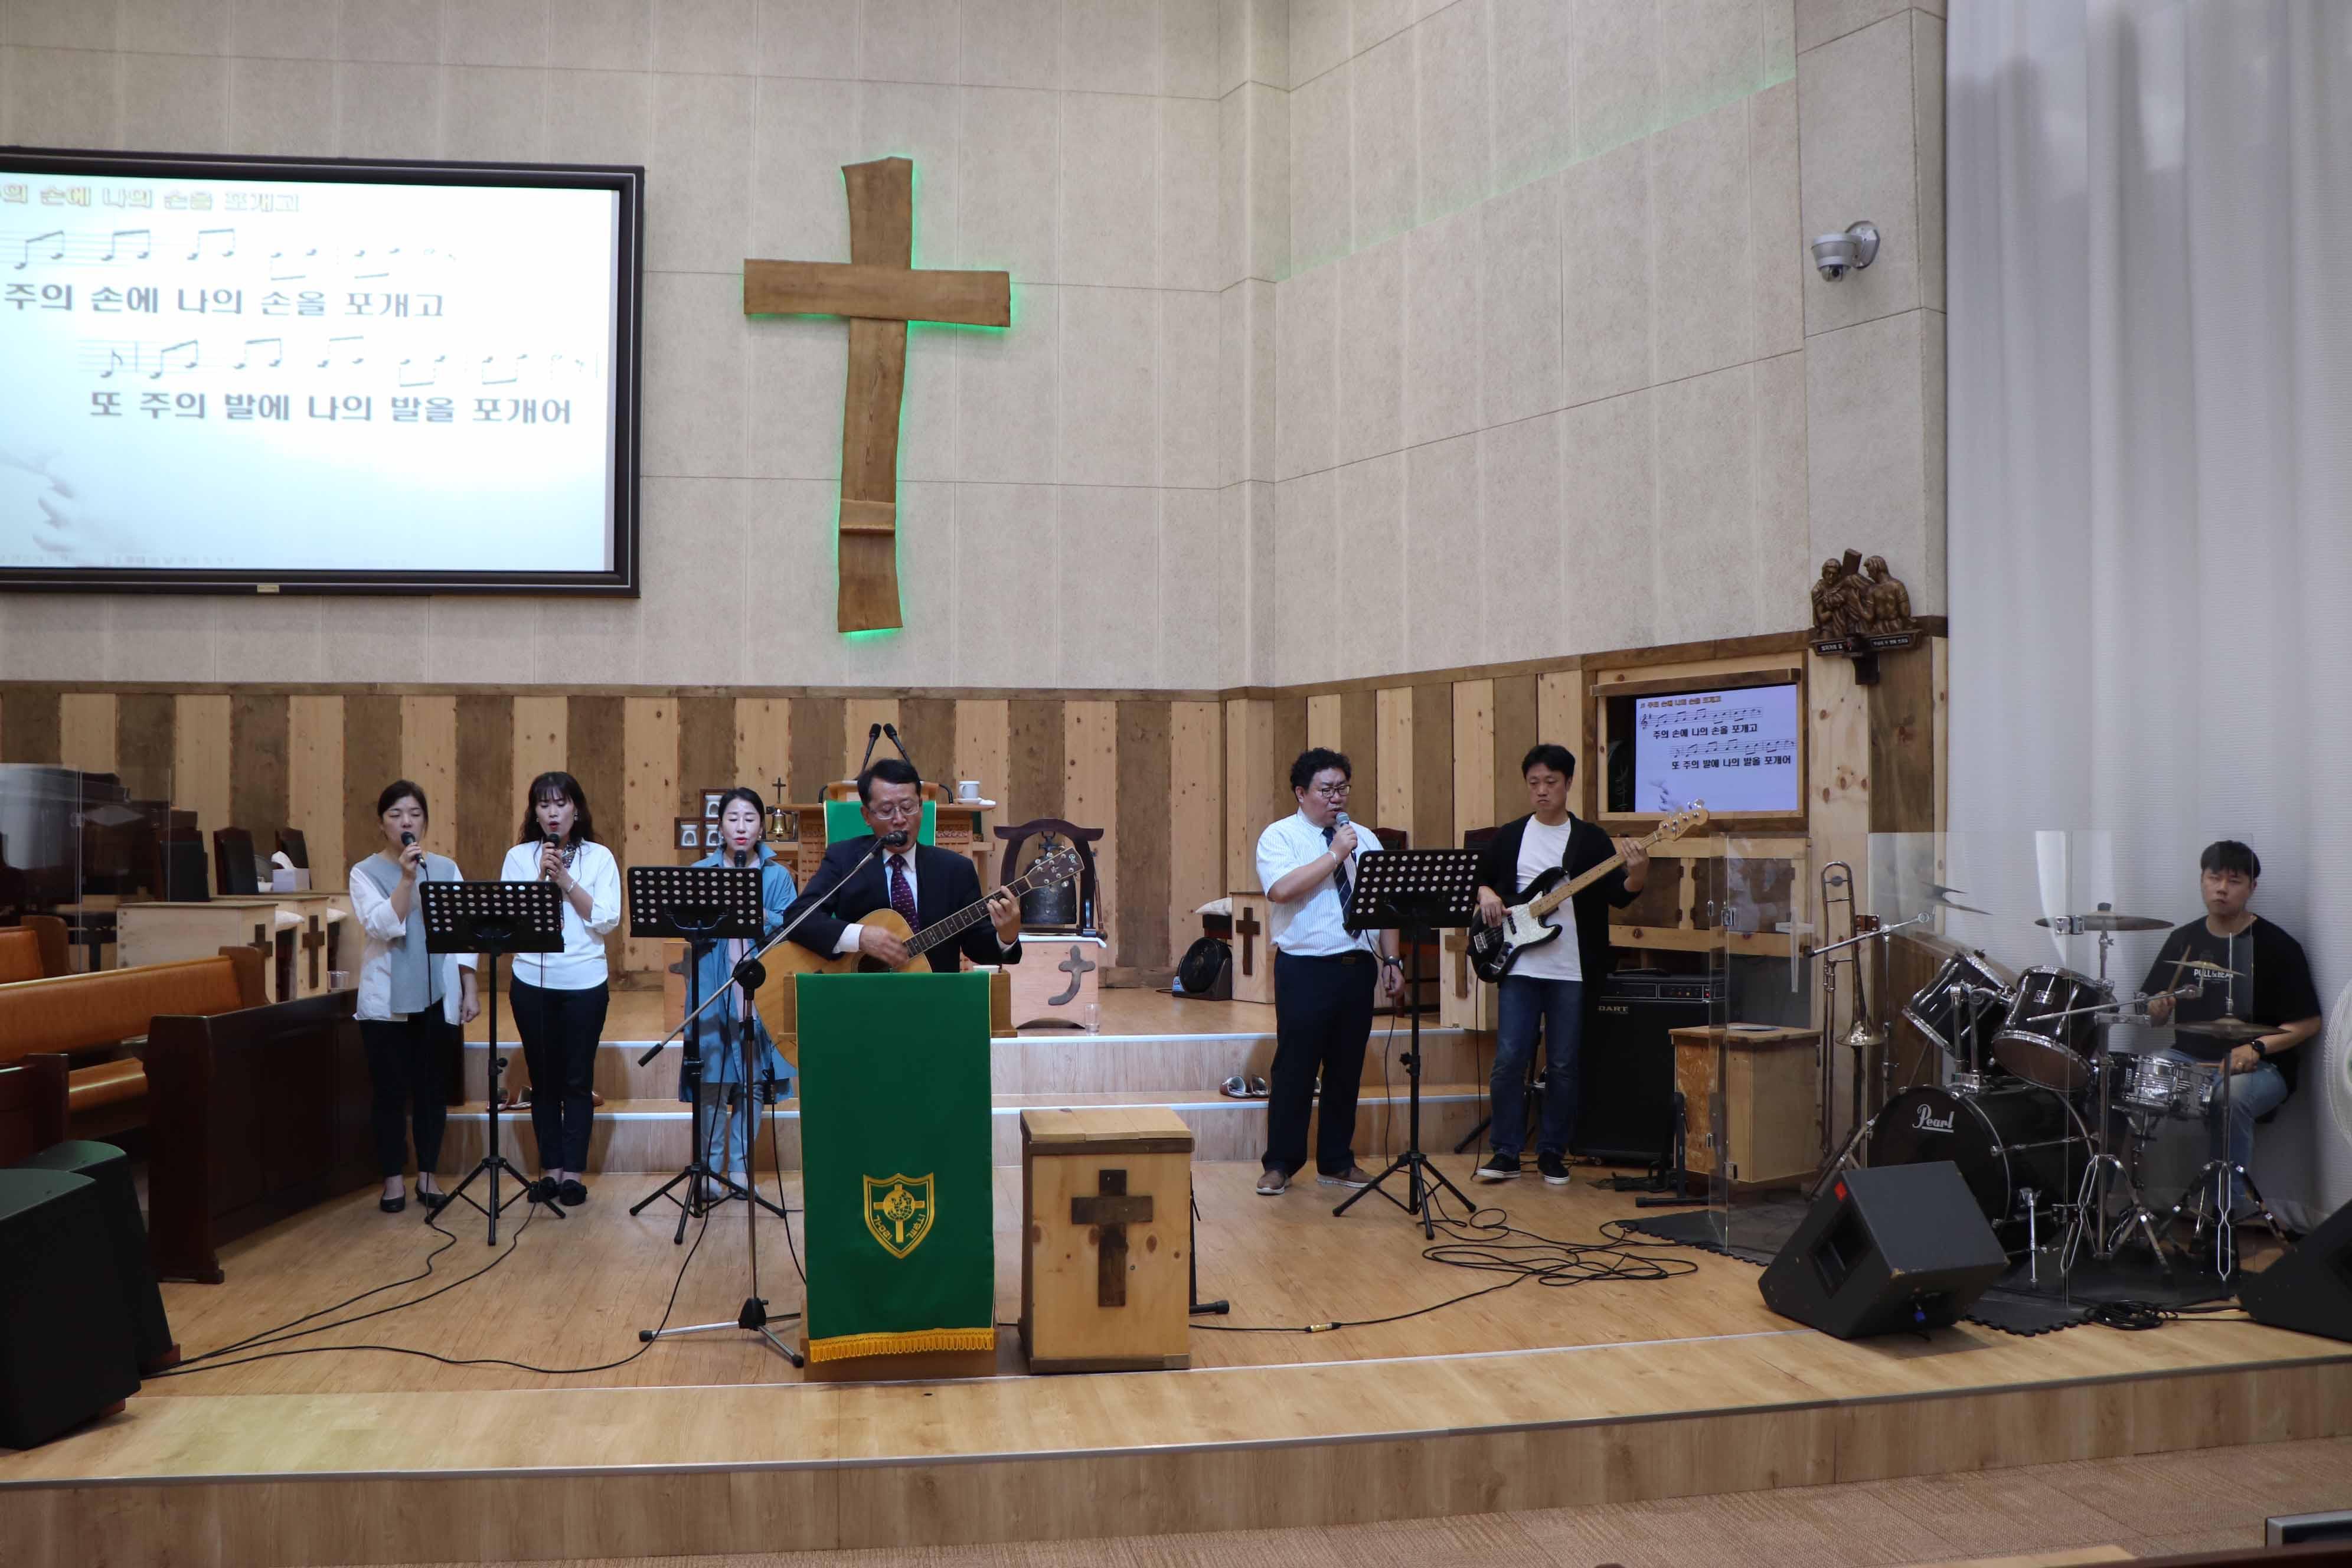 2019년 10월 6일 남자연합속 헌신예배